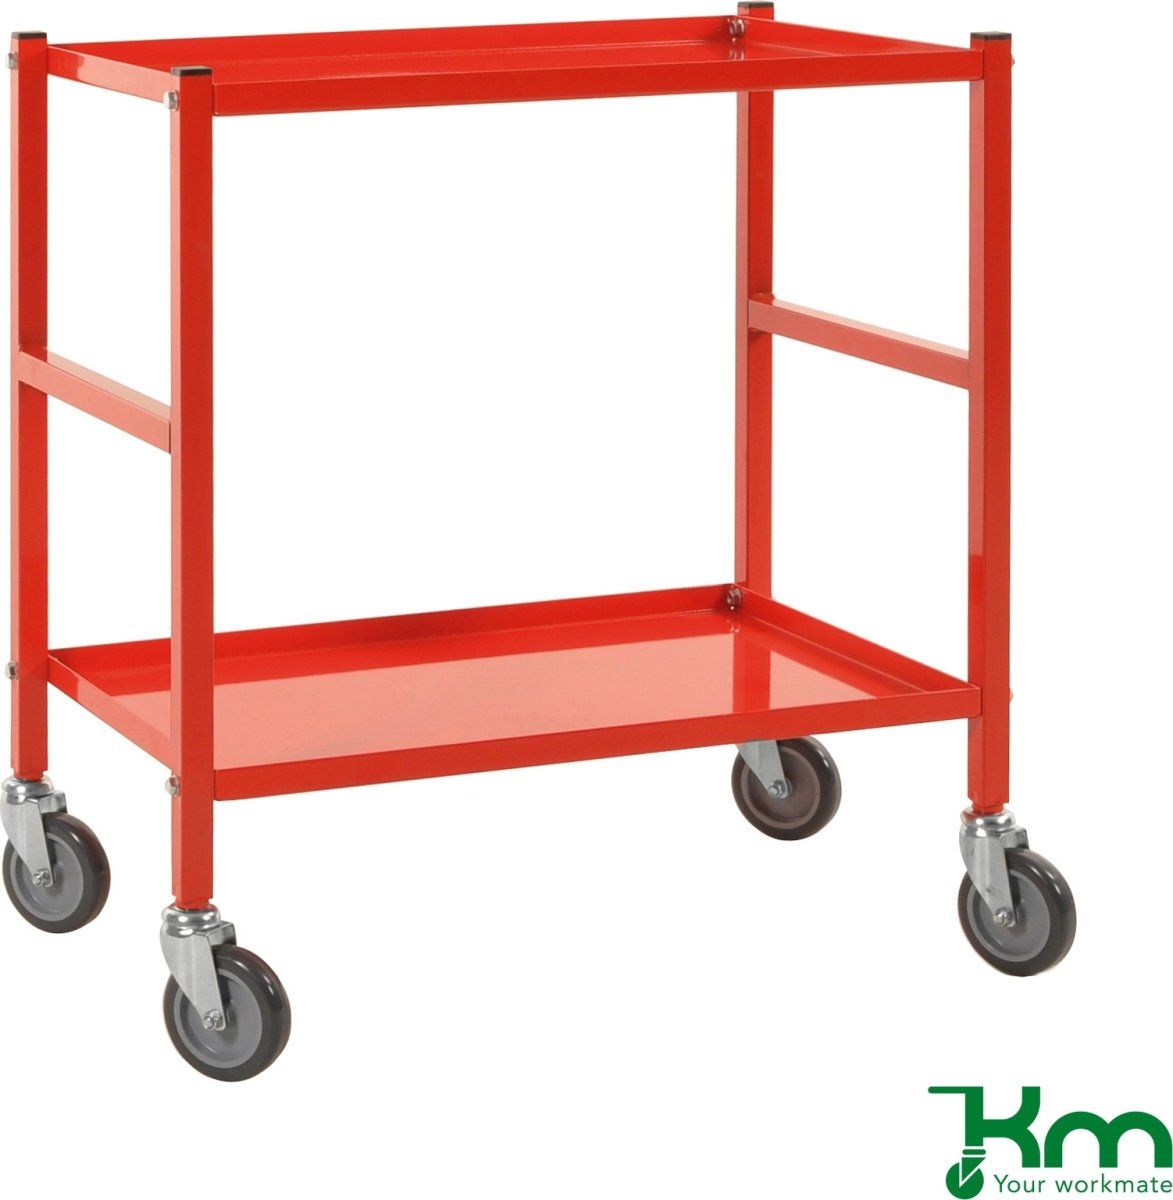 Rullevogn, 2 hylder, 670x415x760, 150 kg, Rød